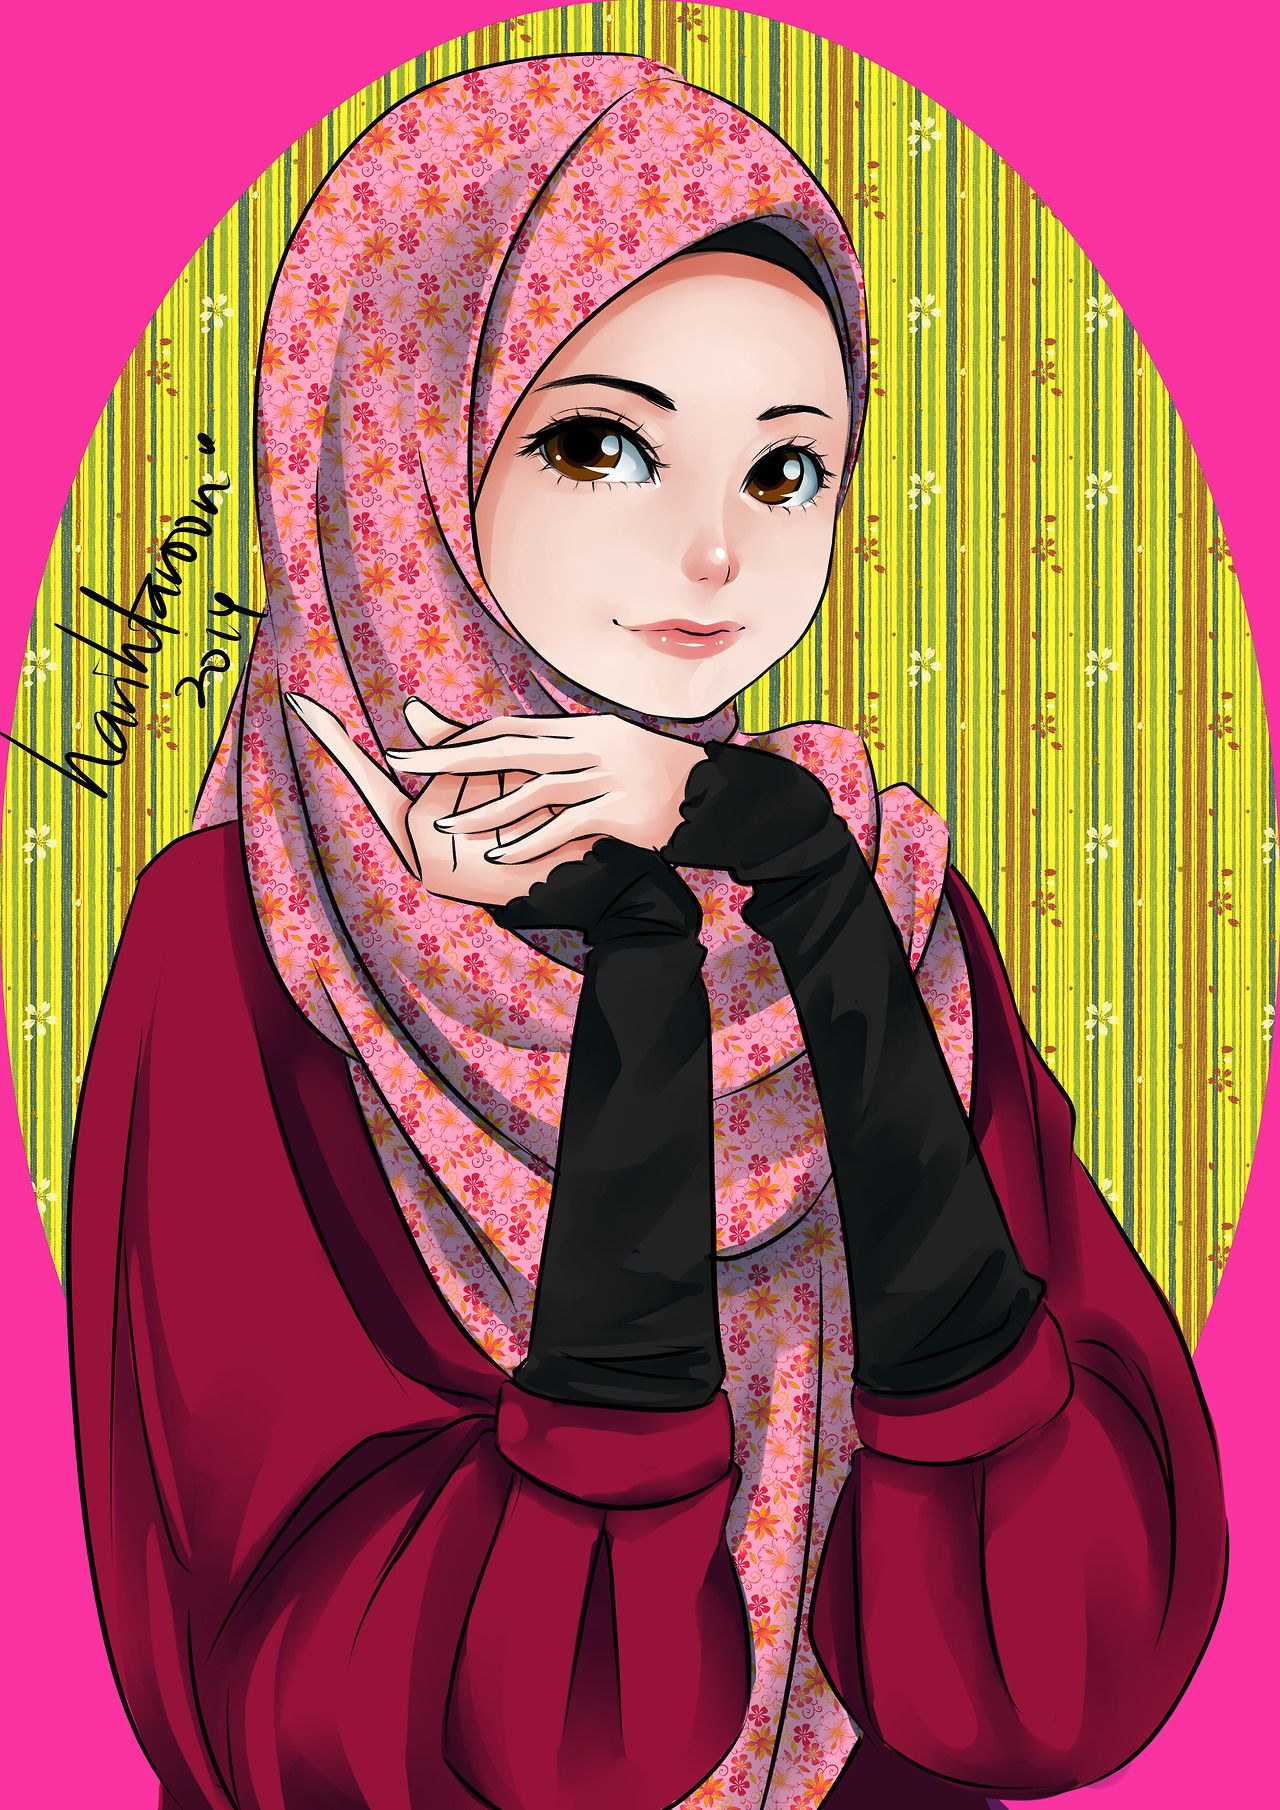 Ana Muslimah Cute Wallpaper Ana Muslim Fan Art Tool Paint Tool Sai Ana Muslim Has A